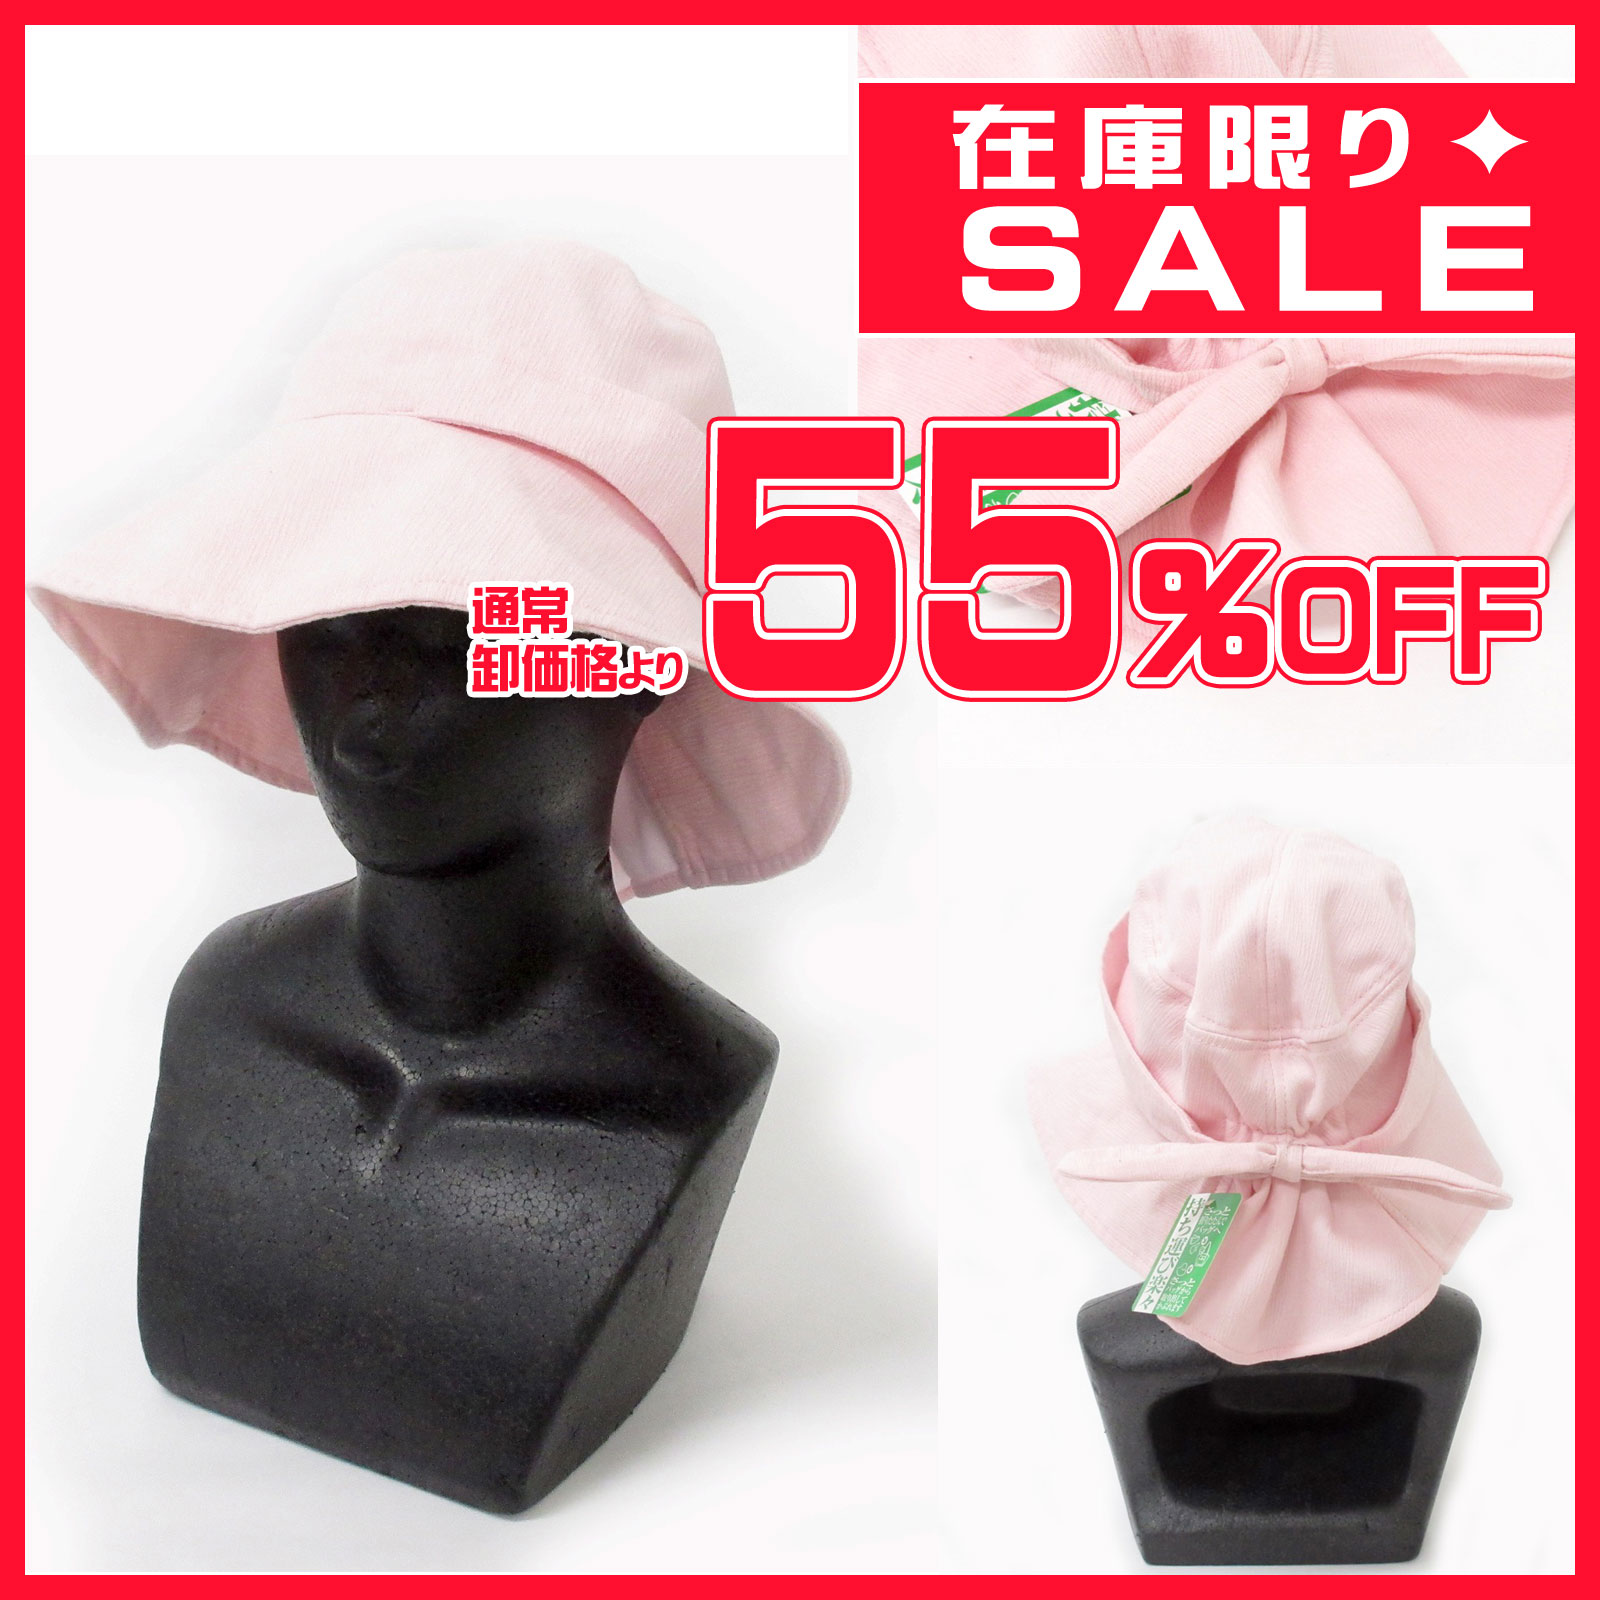 <UV対策グッズ・帽子>レディース・婦人用帽子 レディースハット リボン付き ピンク No.407-046